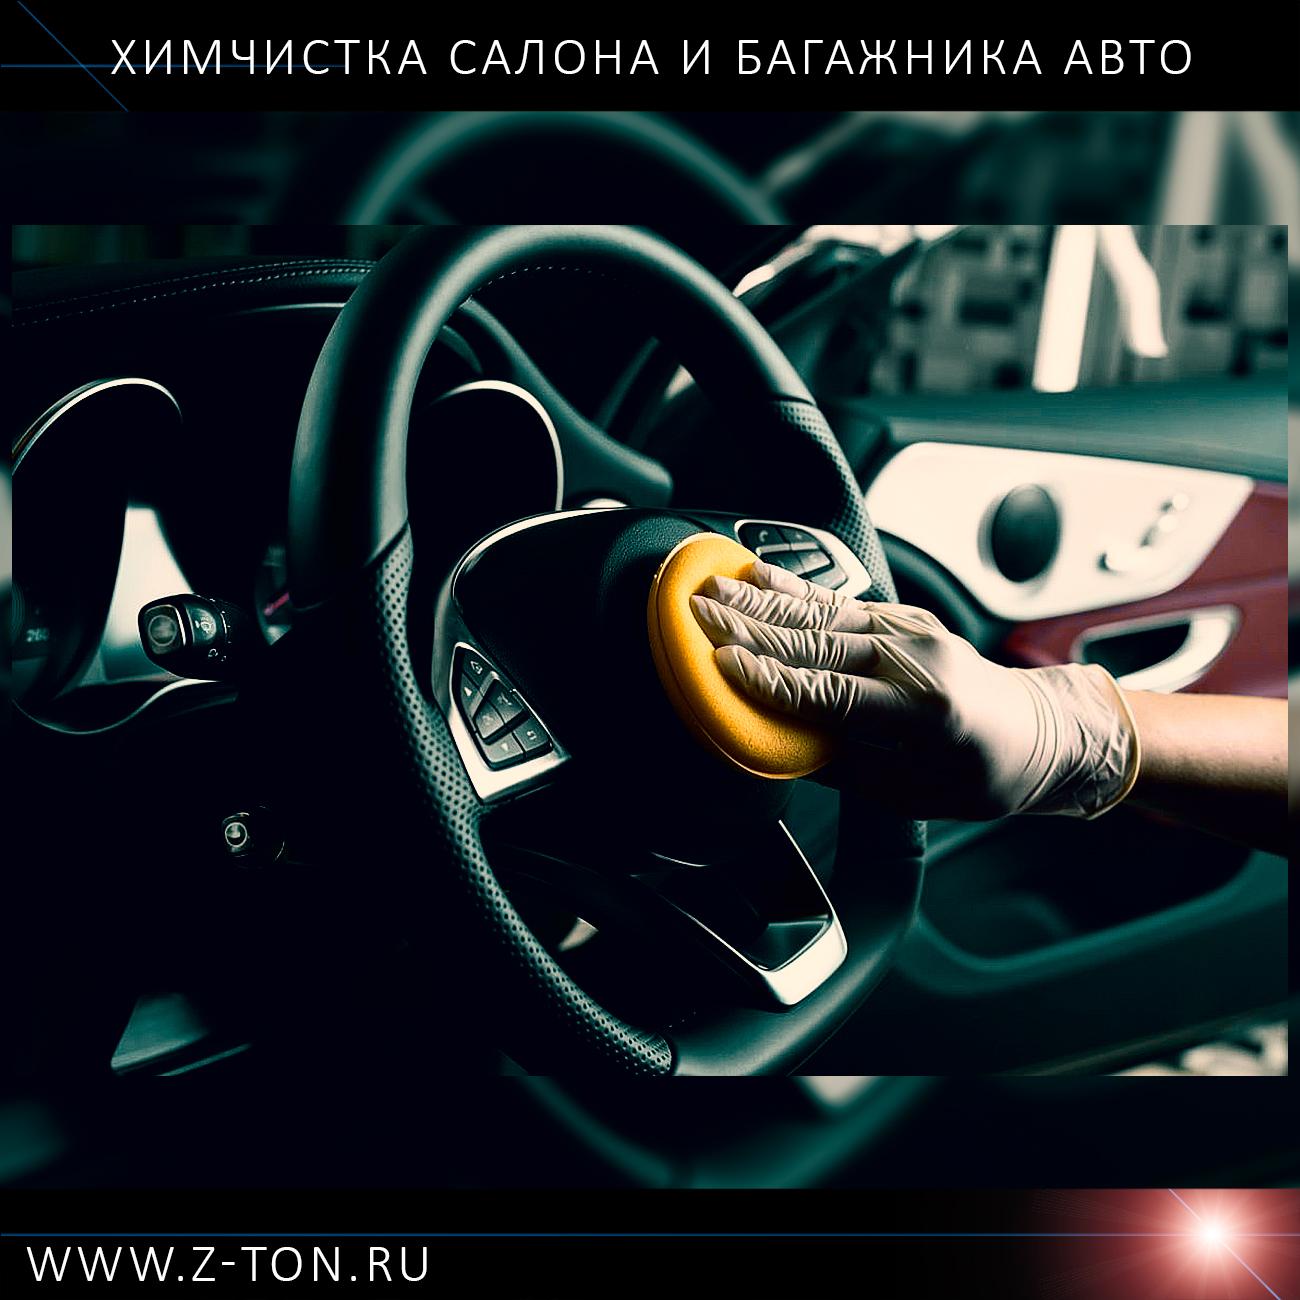 Химчистка кузова и багажника автомобиля в Зеленограде